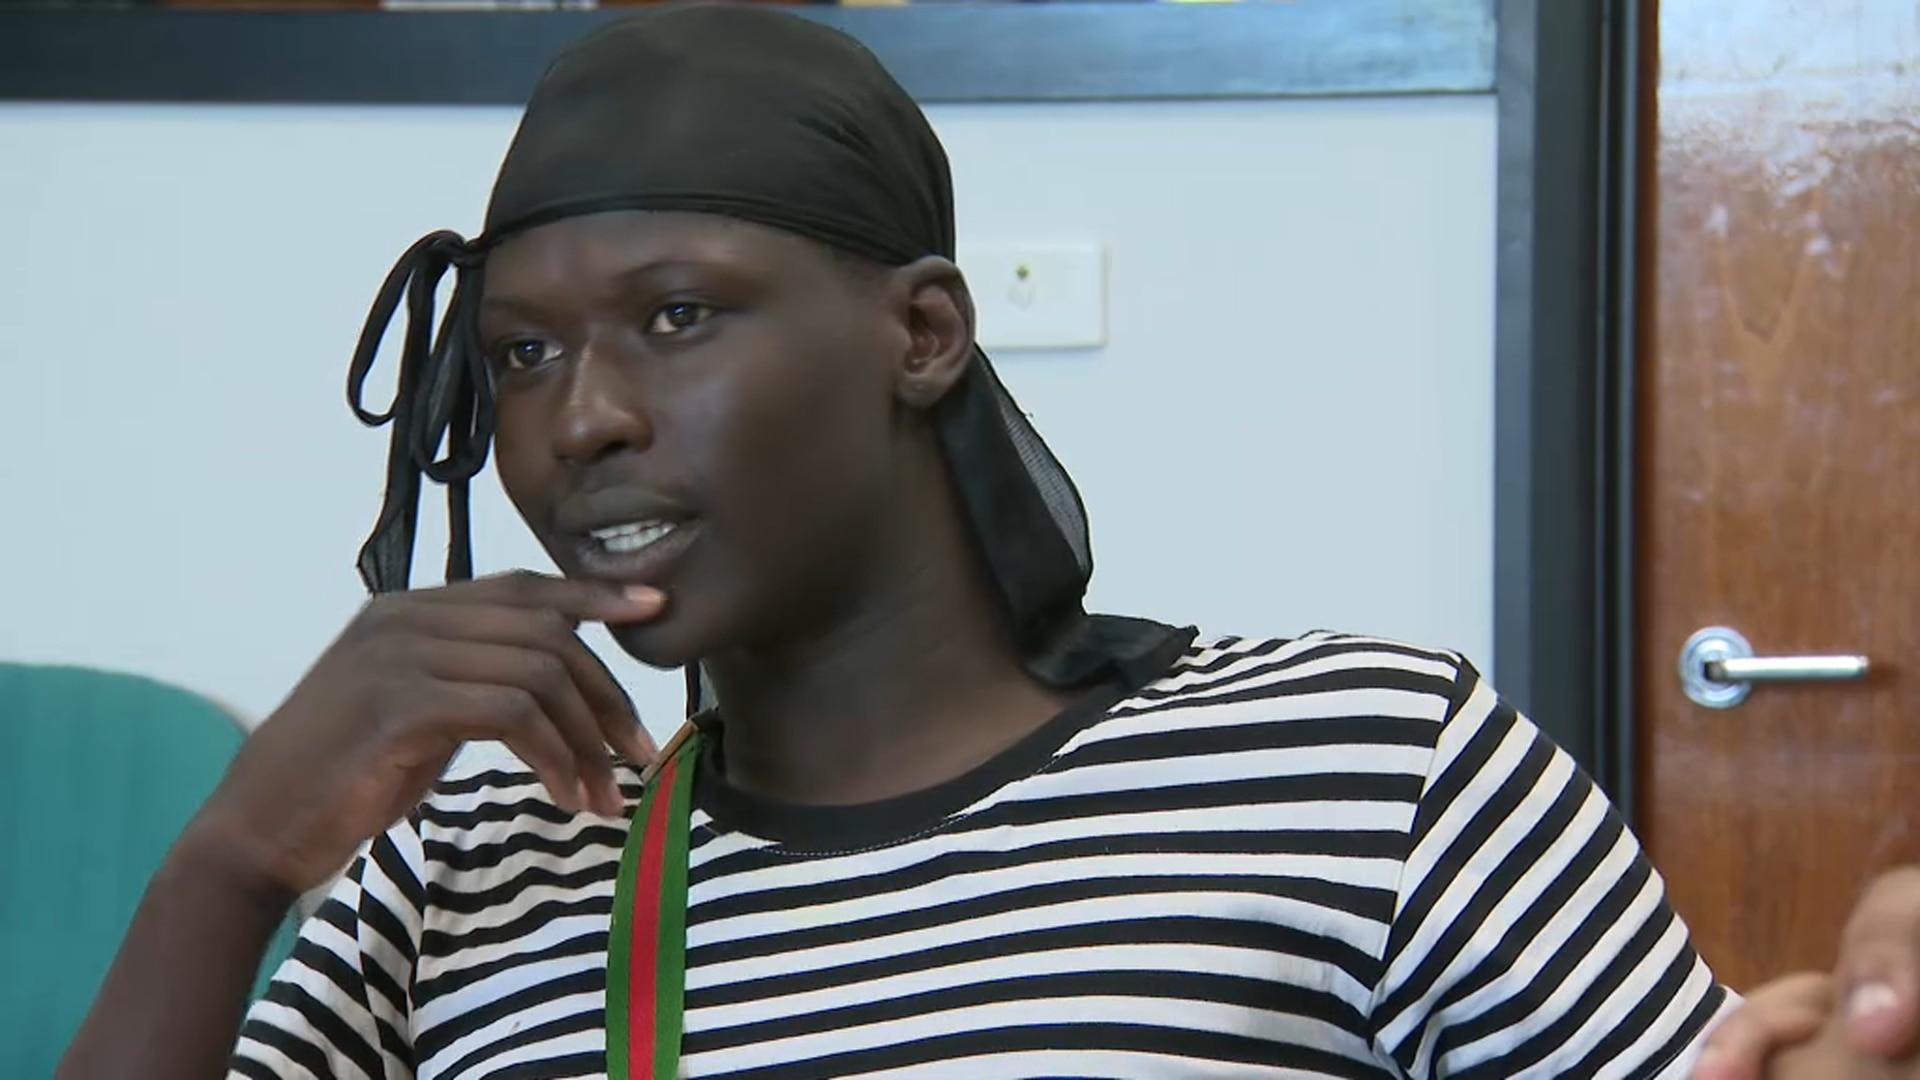 Emmanuel Makor